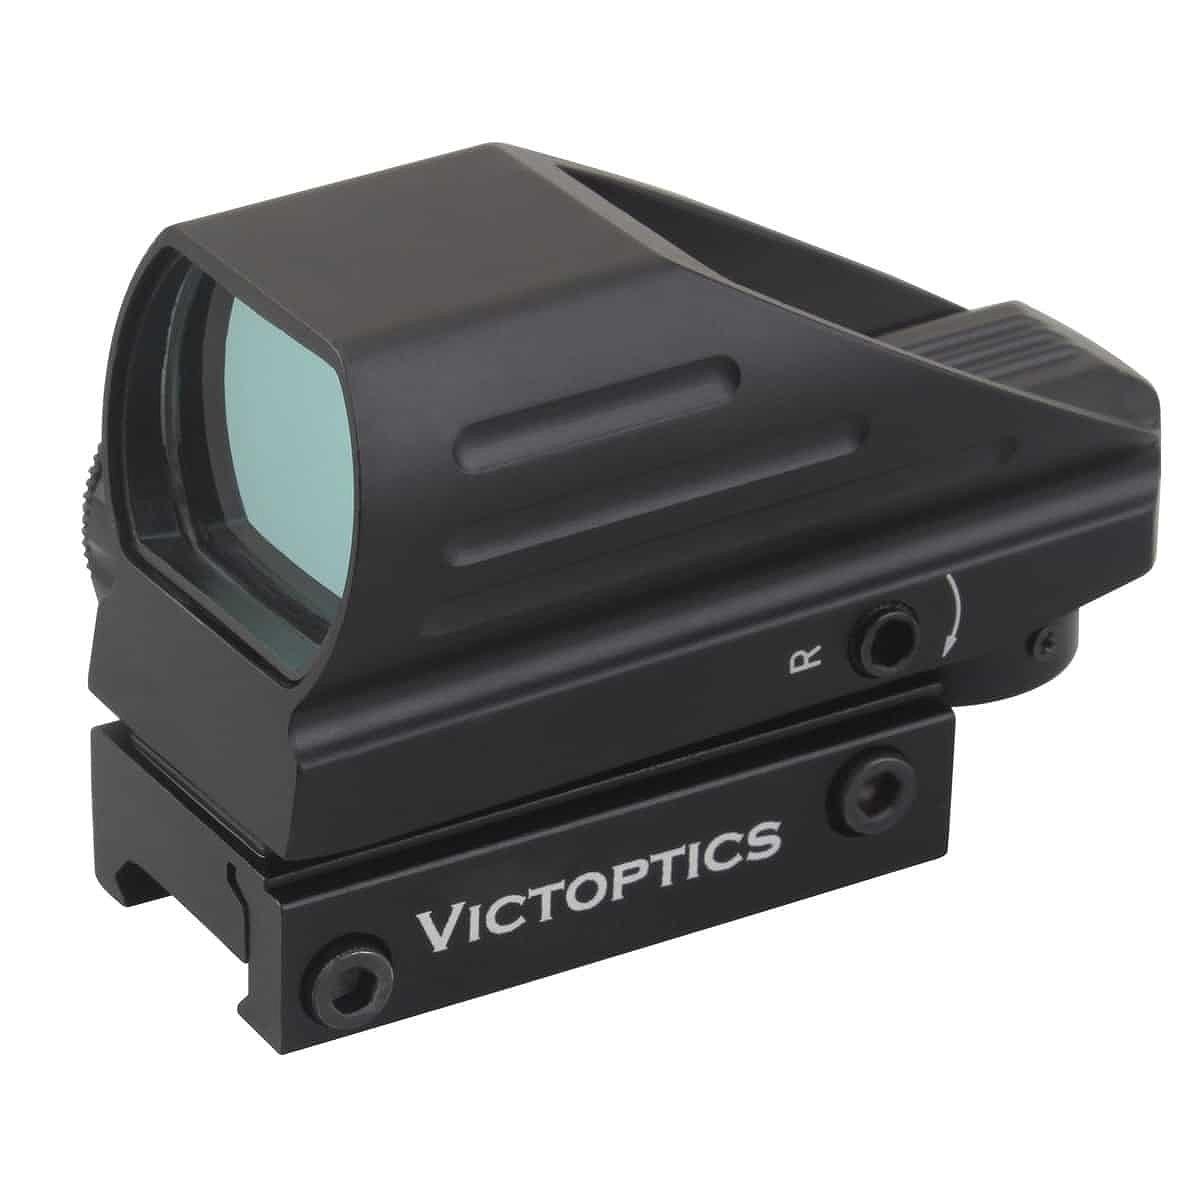 【お届け予定日: 5月30日】ベクターオプティクス ドットサイト 1x22x33  Vector Optics RDSL03